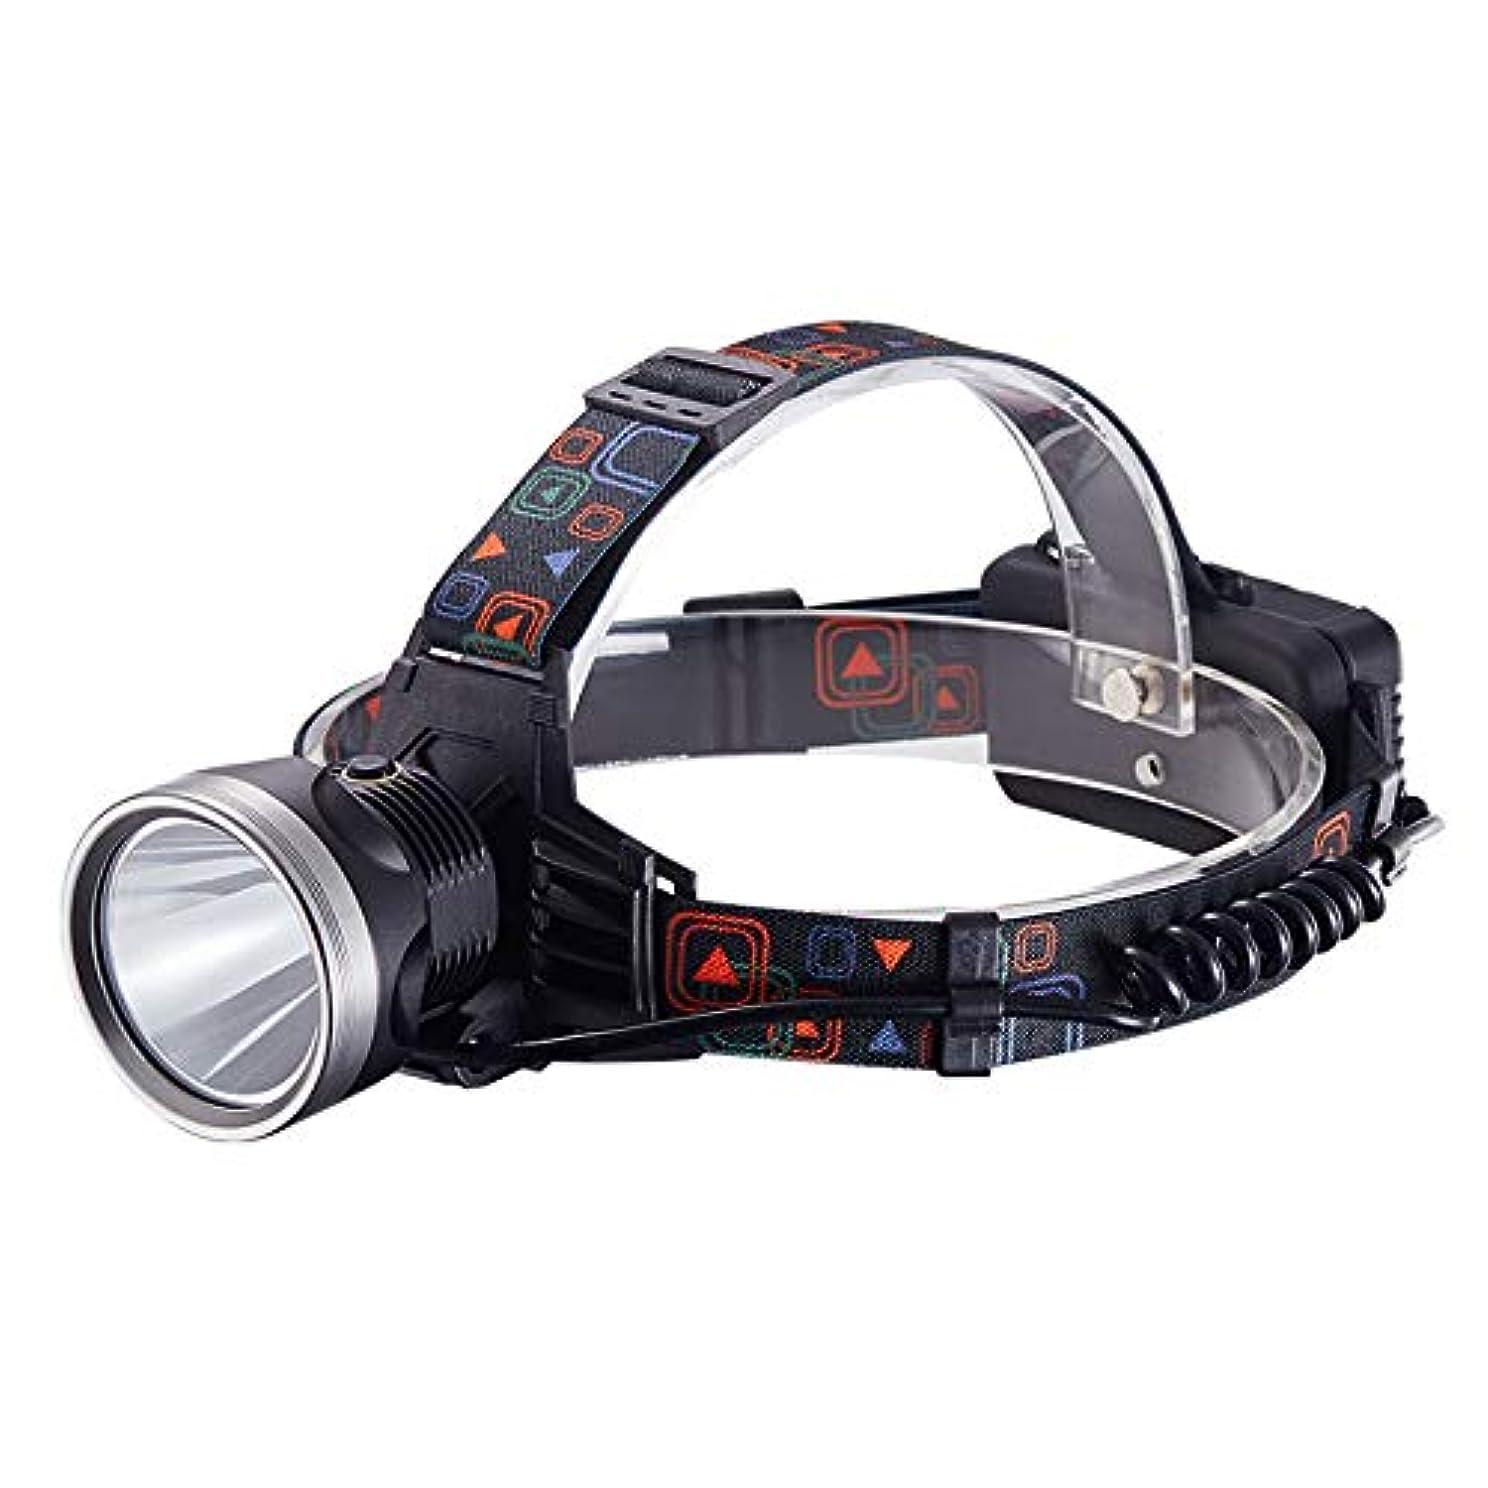 影響スクラップ成功したヘッドライトグレア充電式超高輝度ヘッドマウントLED誘導リチウム懐中電灯キセノン鉱夫のランプ夜釣り